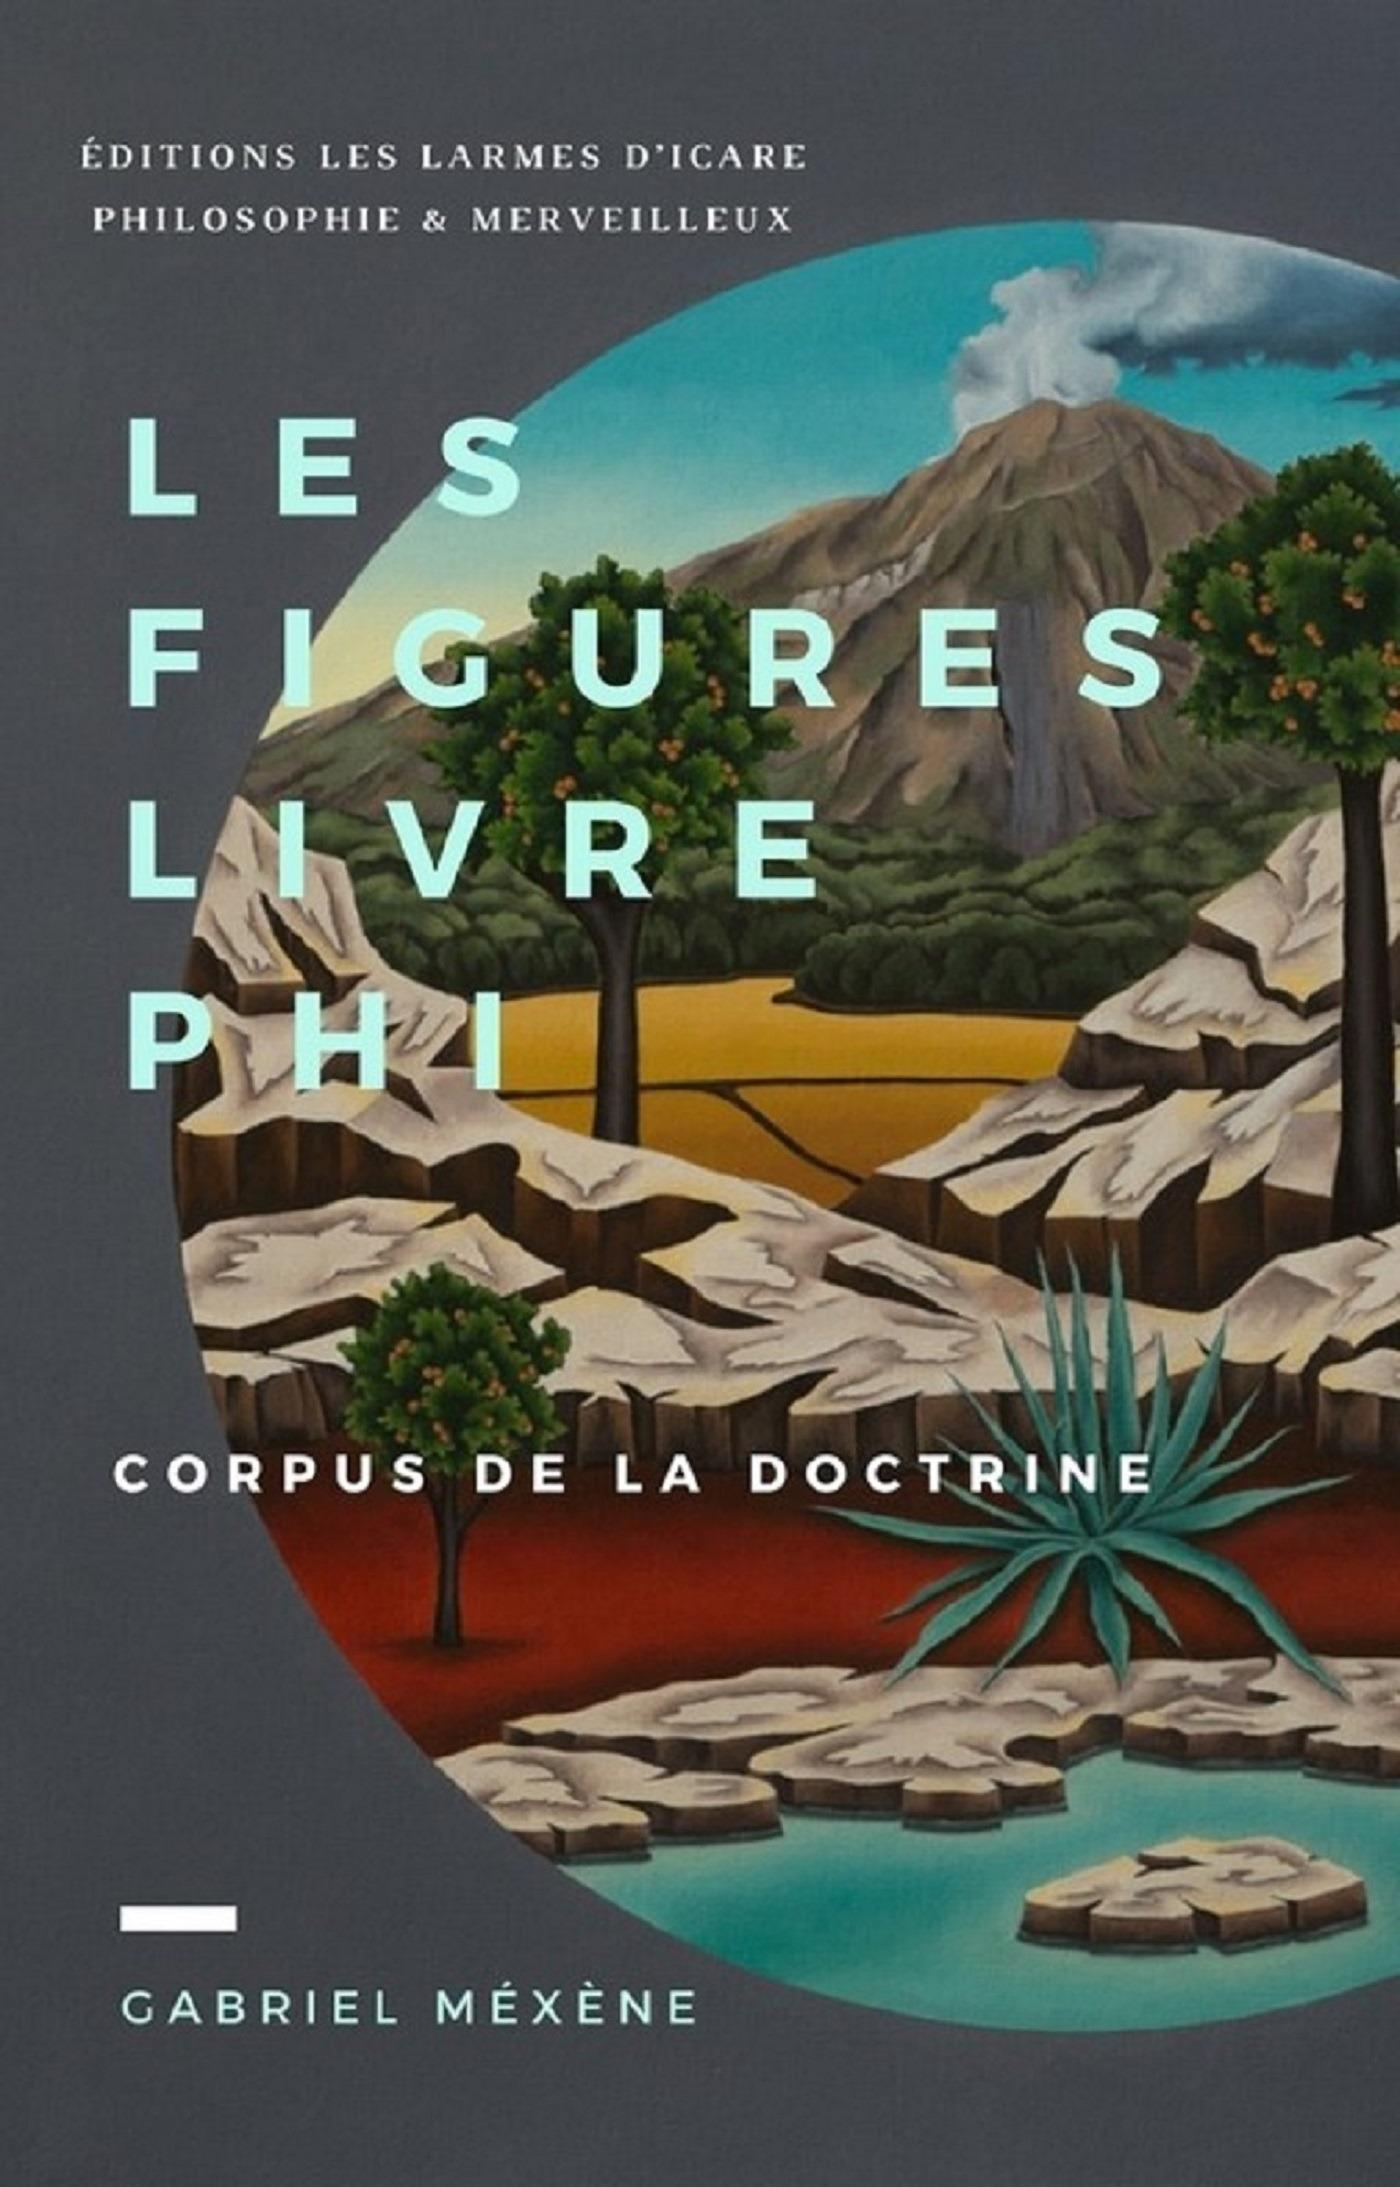 Gabriel Méxène Les Figures, Livre Phi